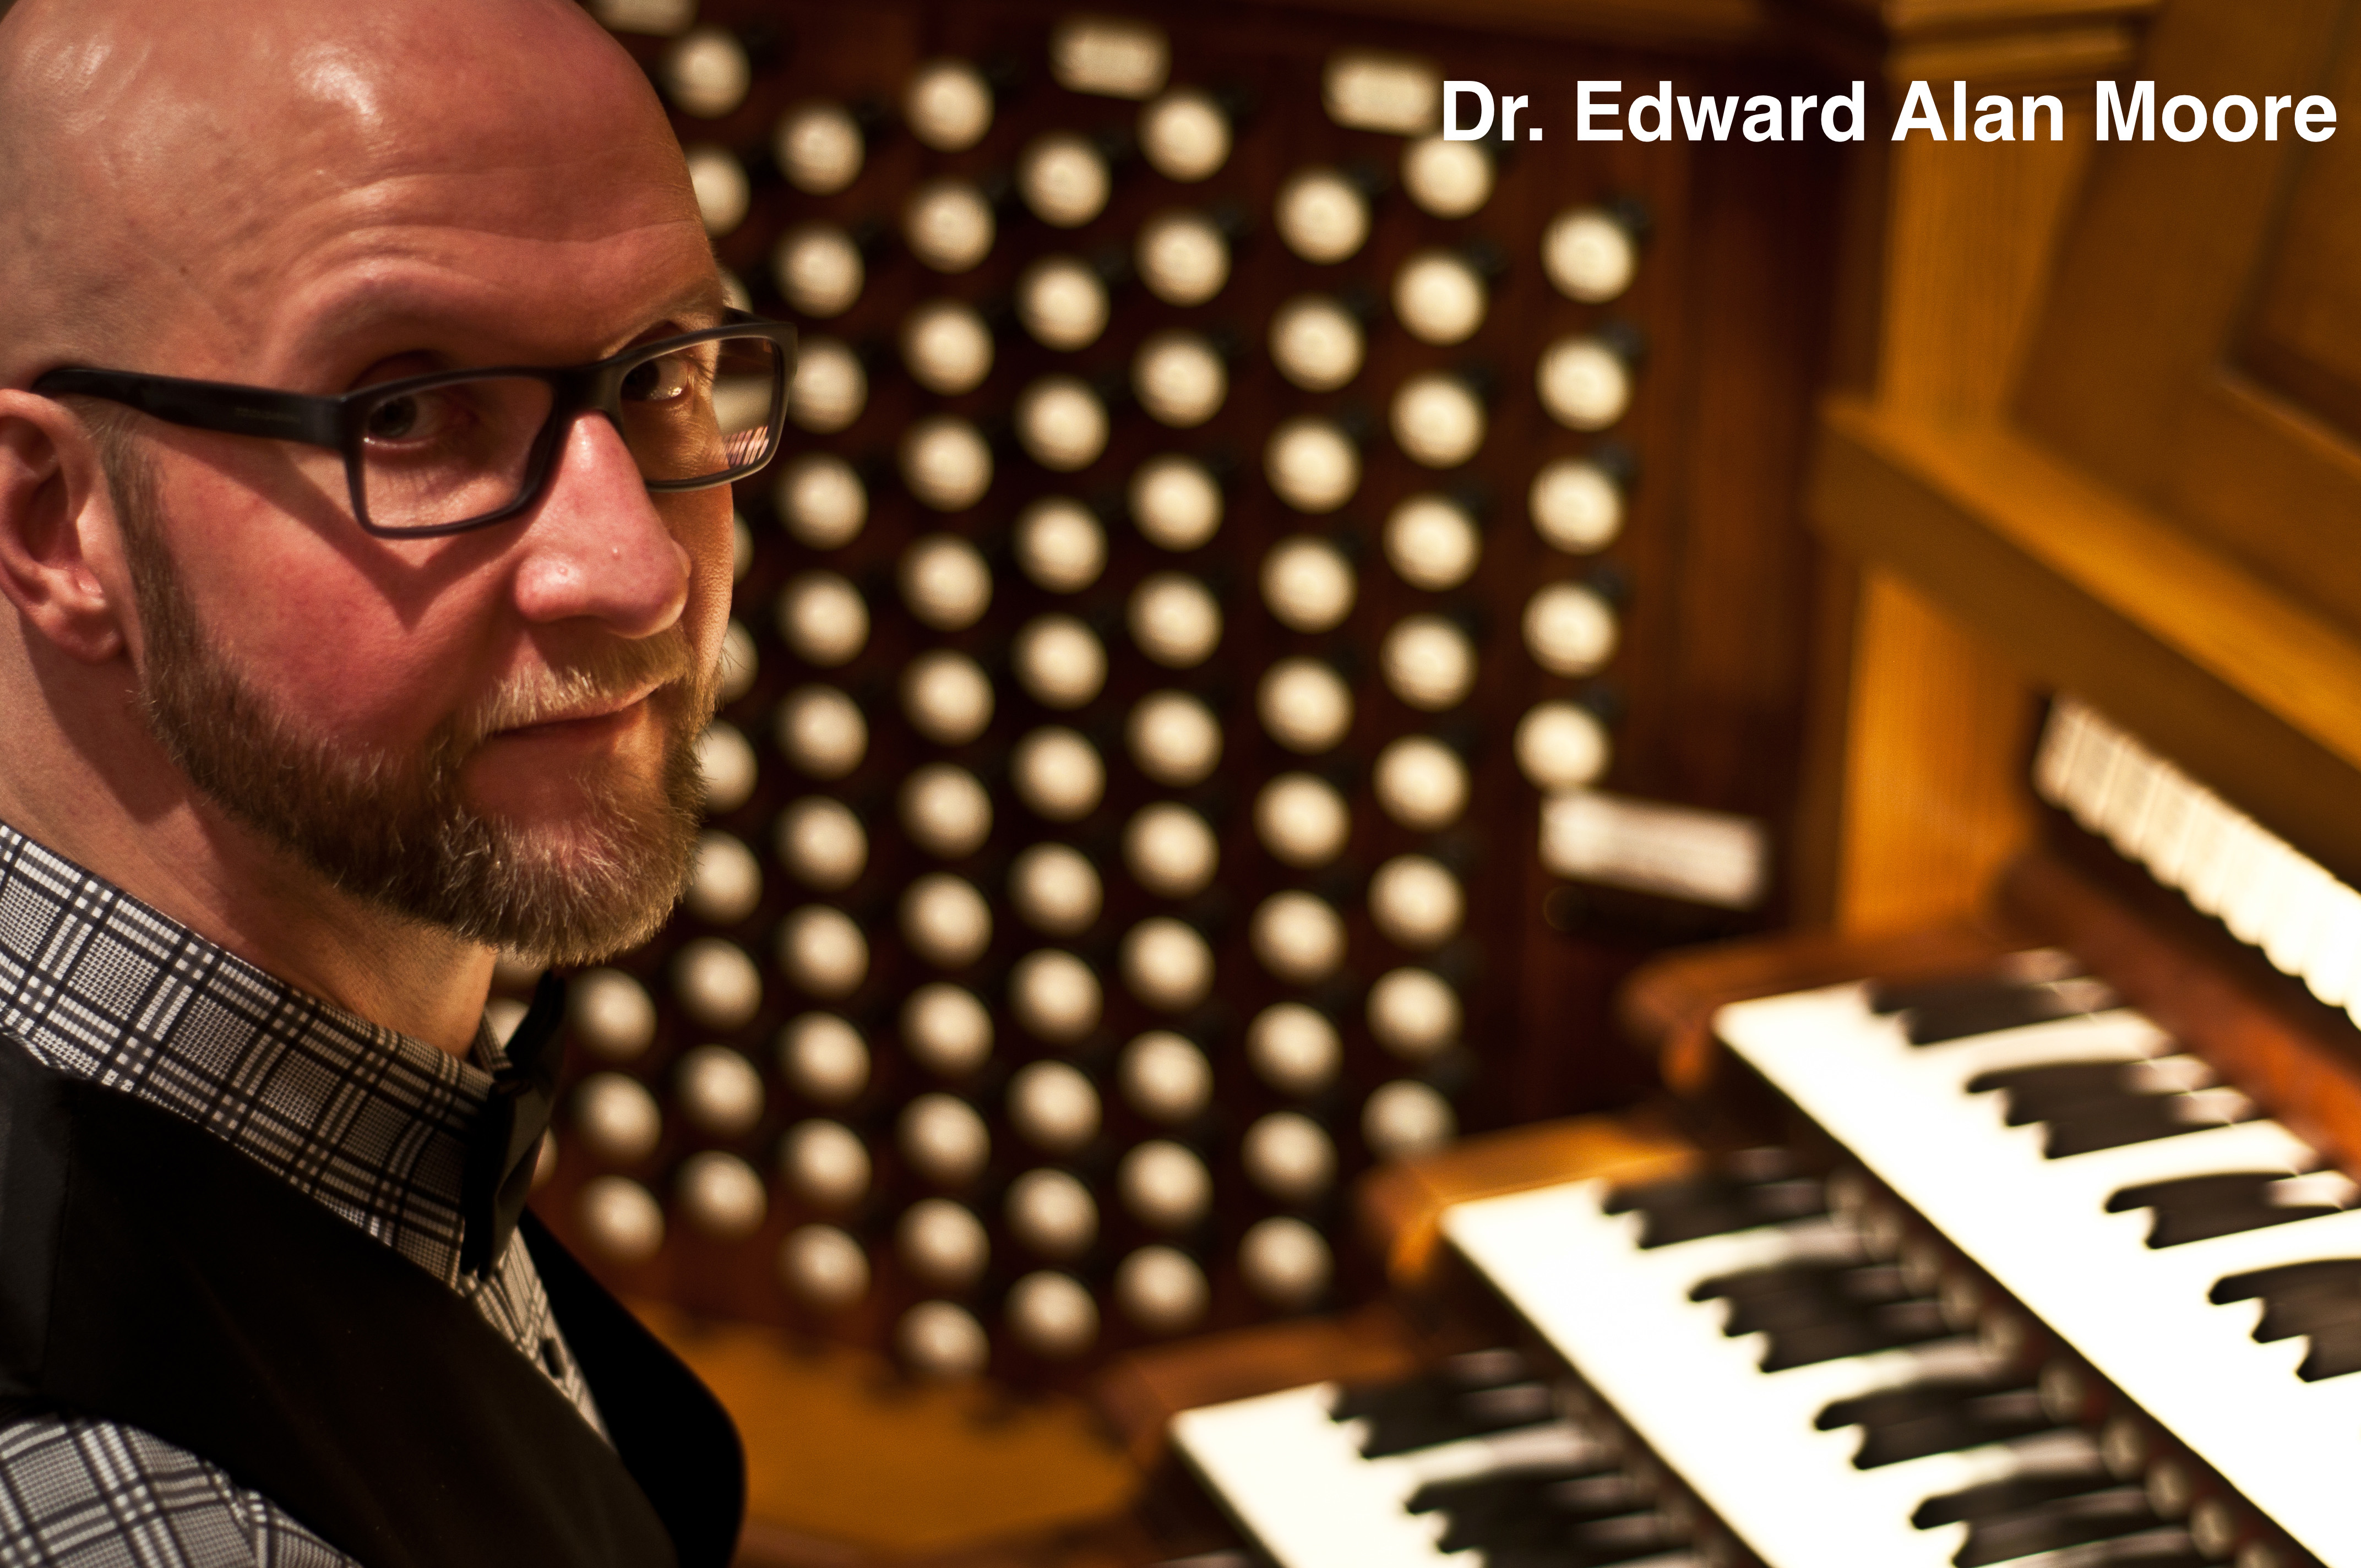 Christian Spirituality & Sound - East Liberty Presbyterian